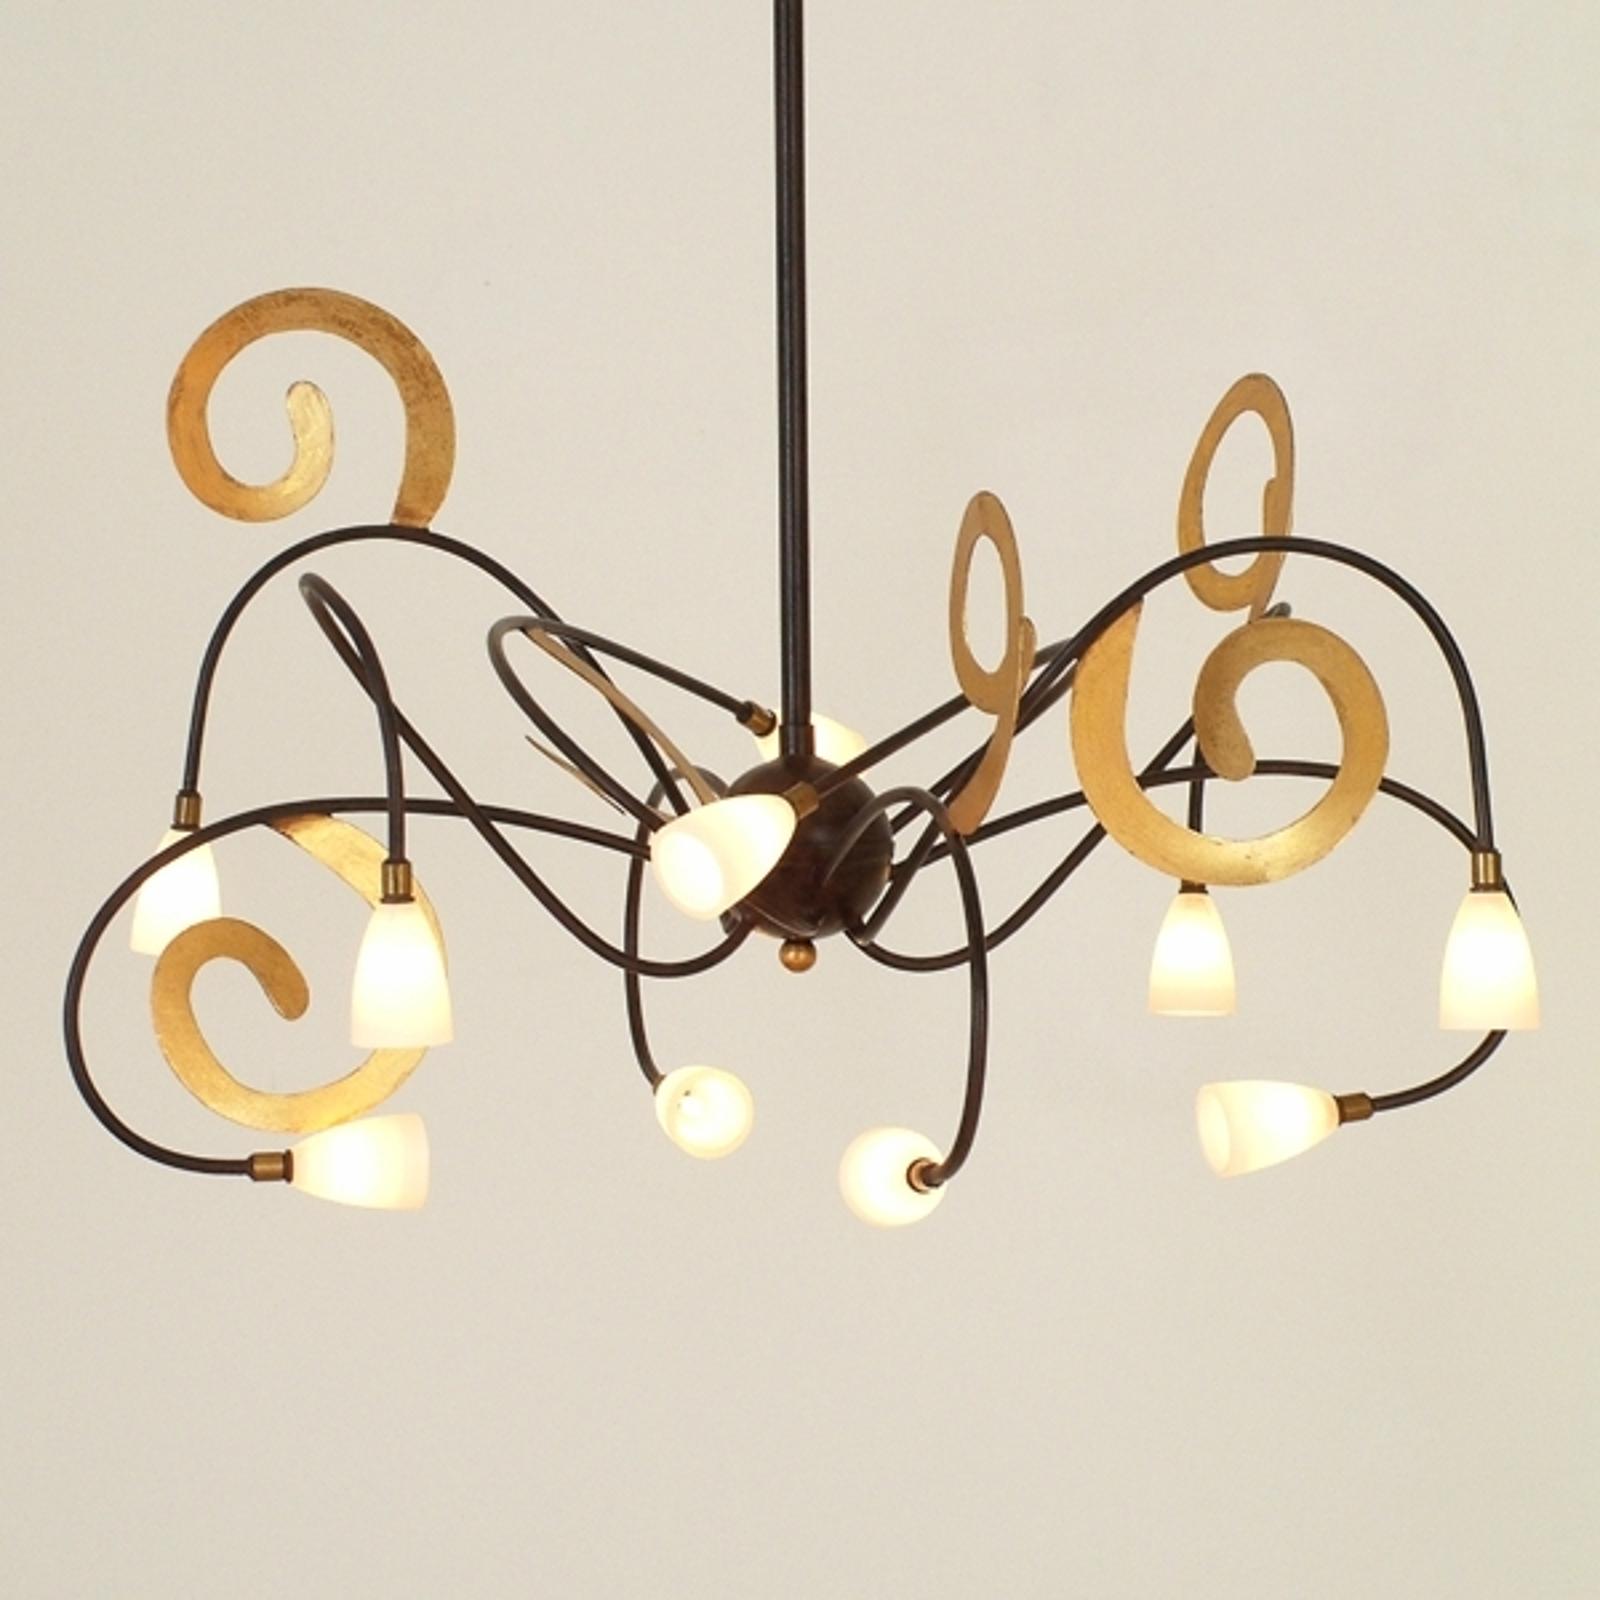 Lampa wisząca LED Lunapark, brązowo-złota